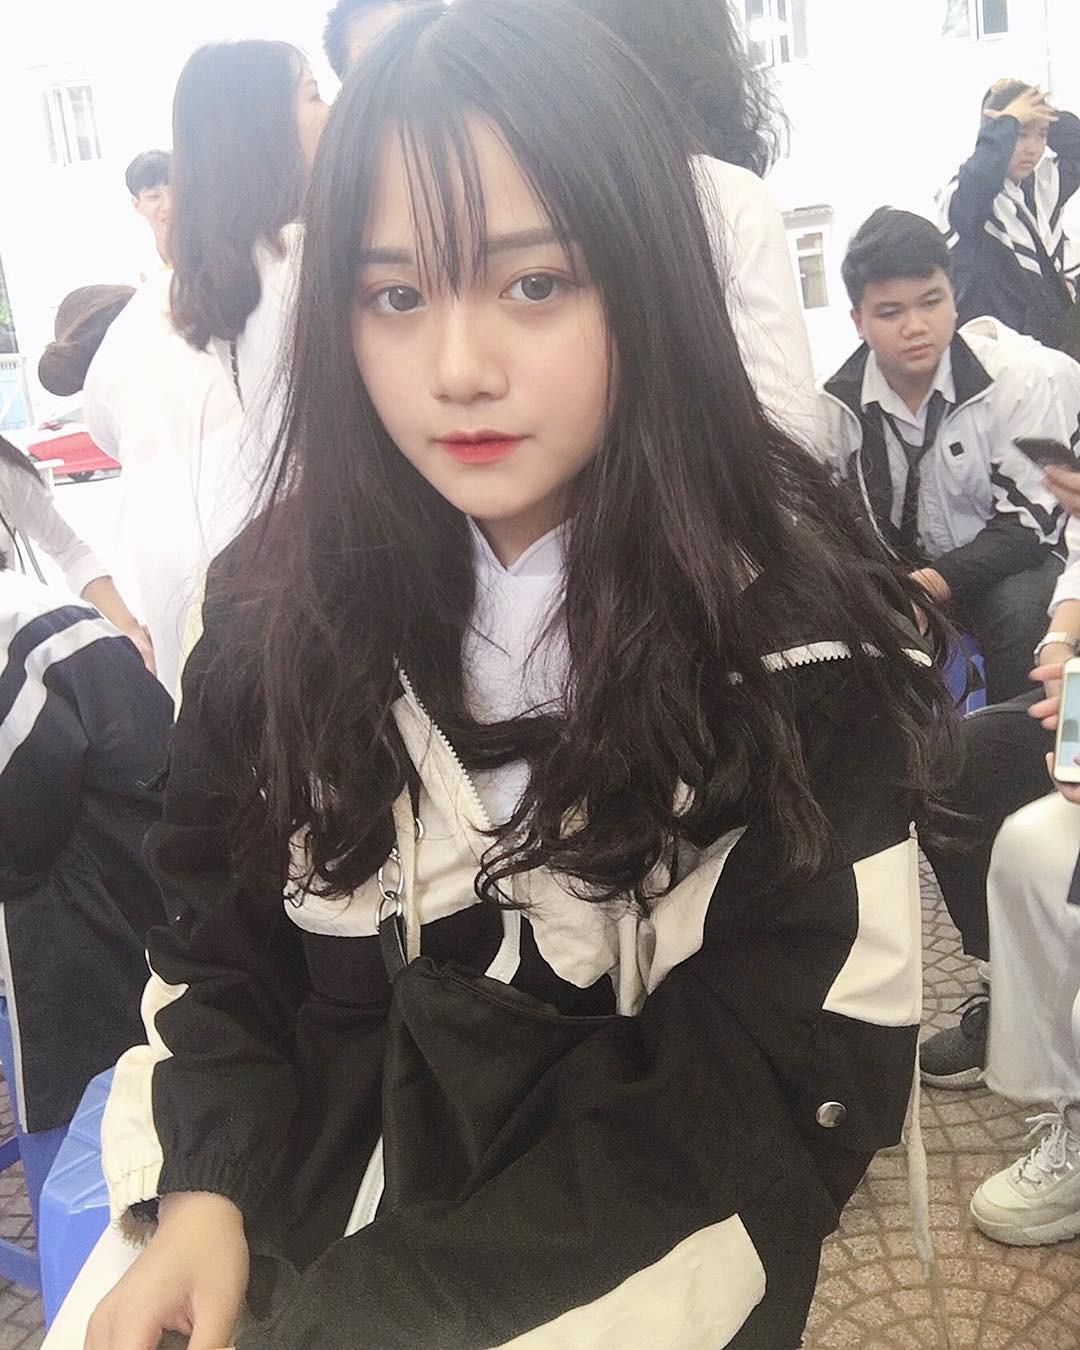 Nữ sinh 2002 diện đồng phục thôi cũng đủ nổi bật giữa sân trường, trả lời lý do đi học mà vẫn makeup kỹ lưỡng - Ảnh 7.